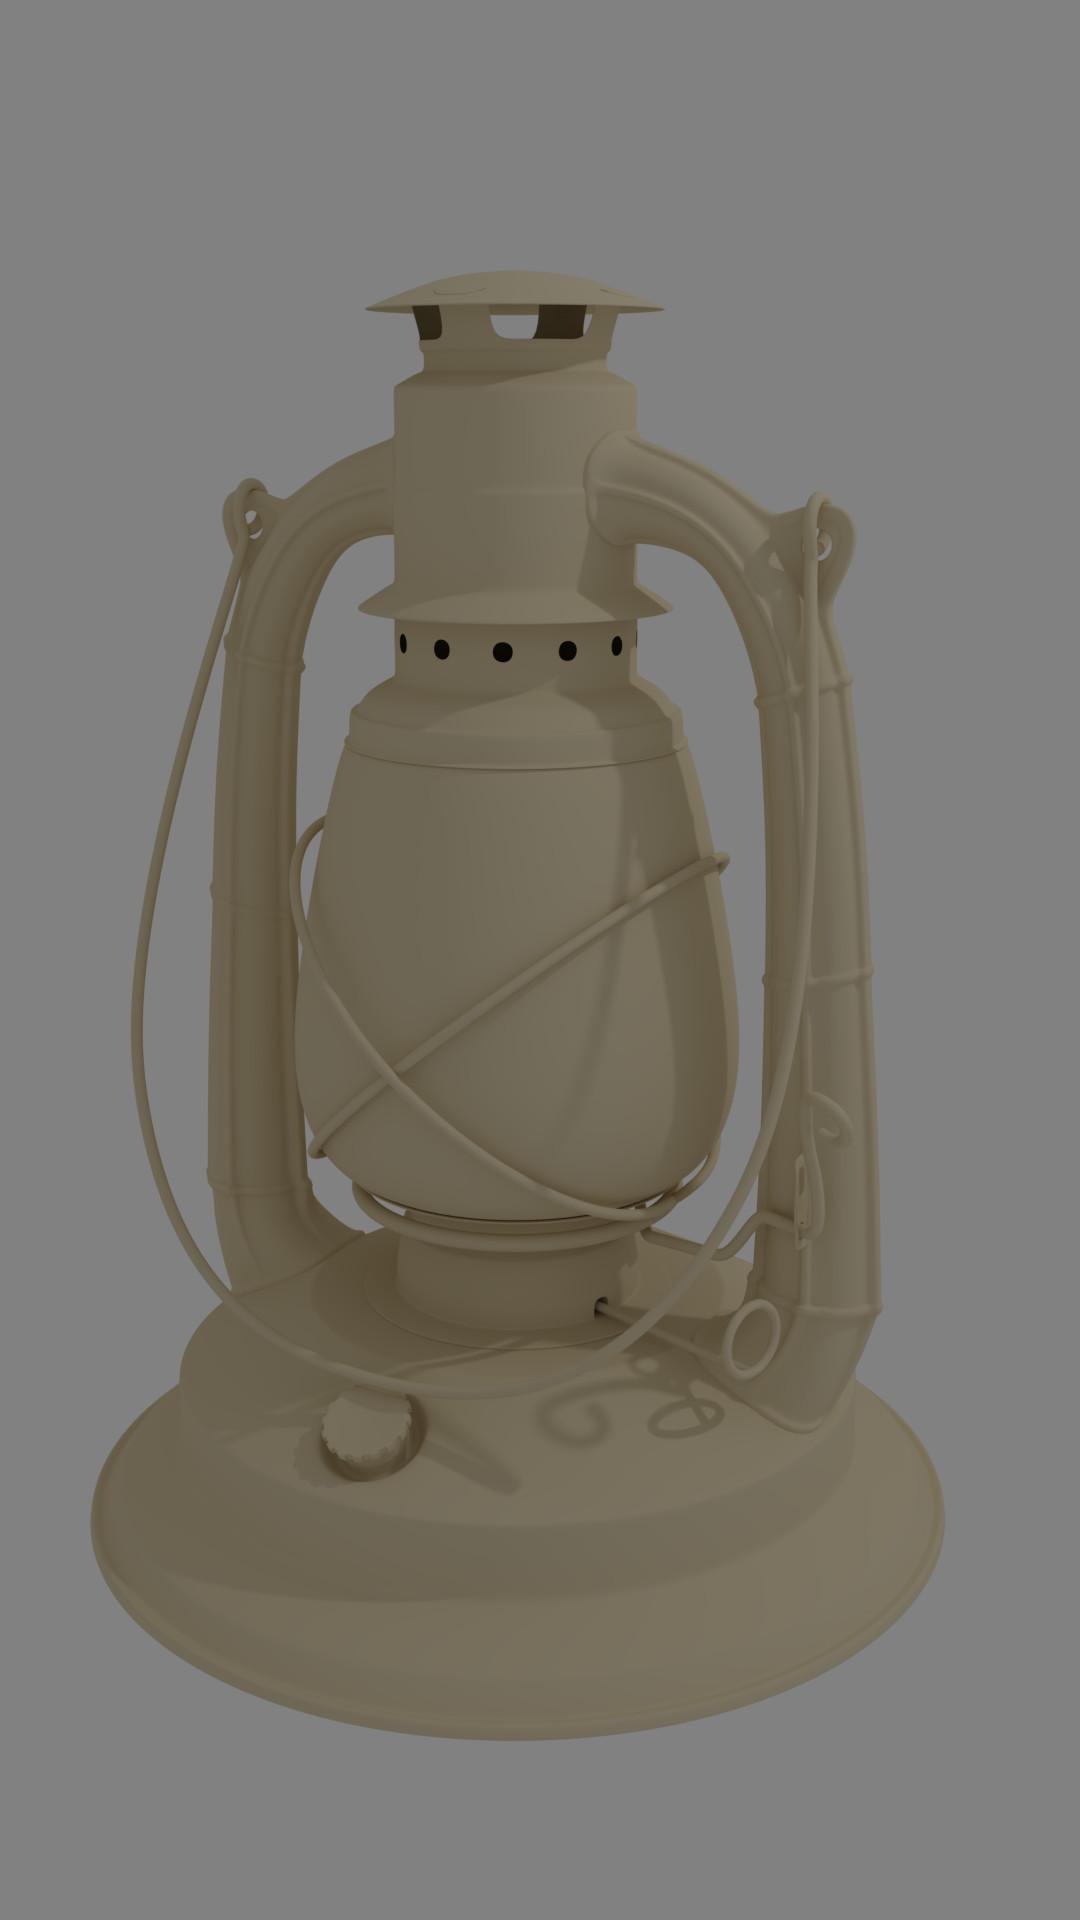 Clay version